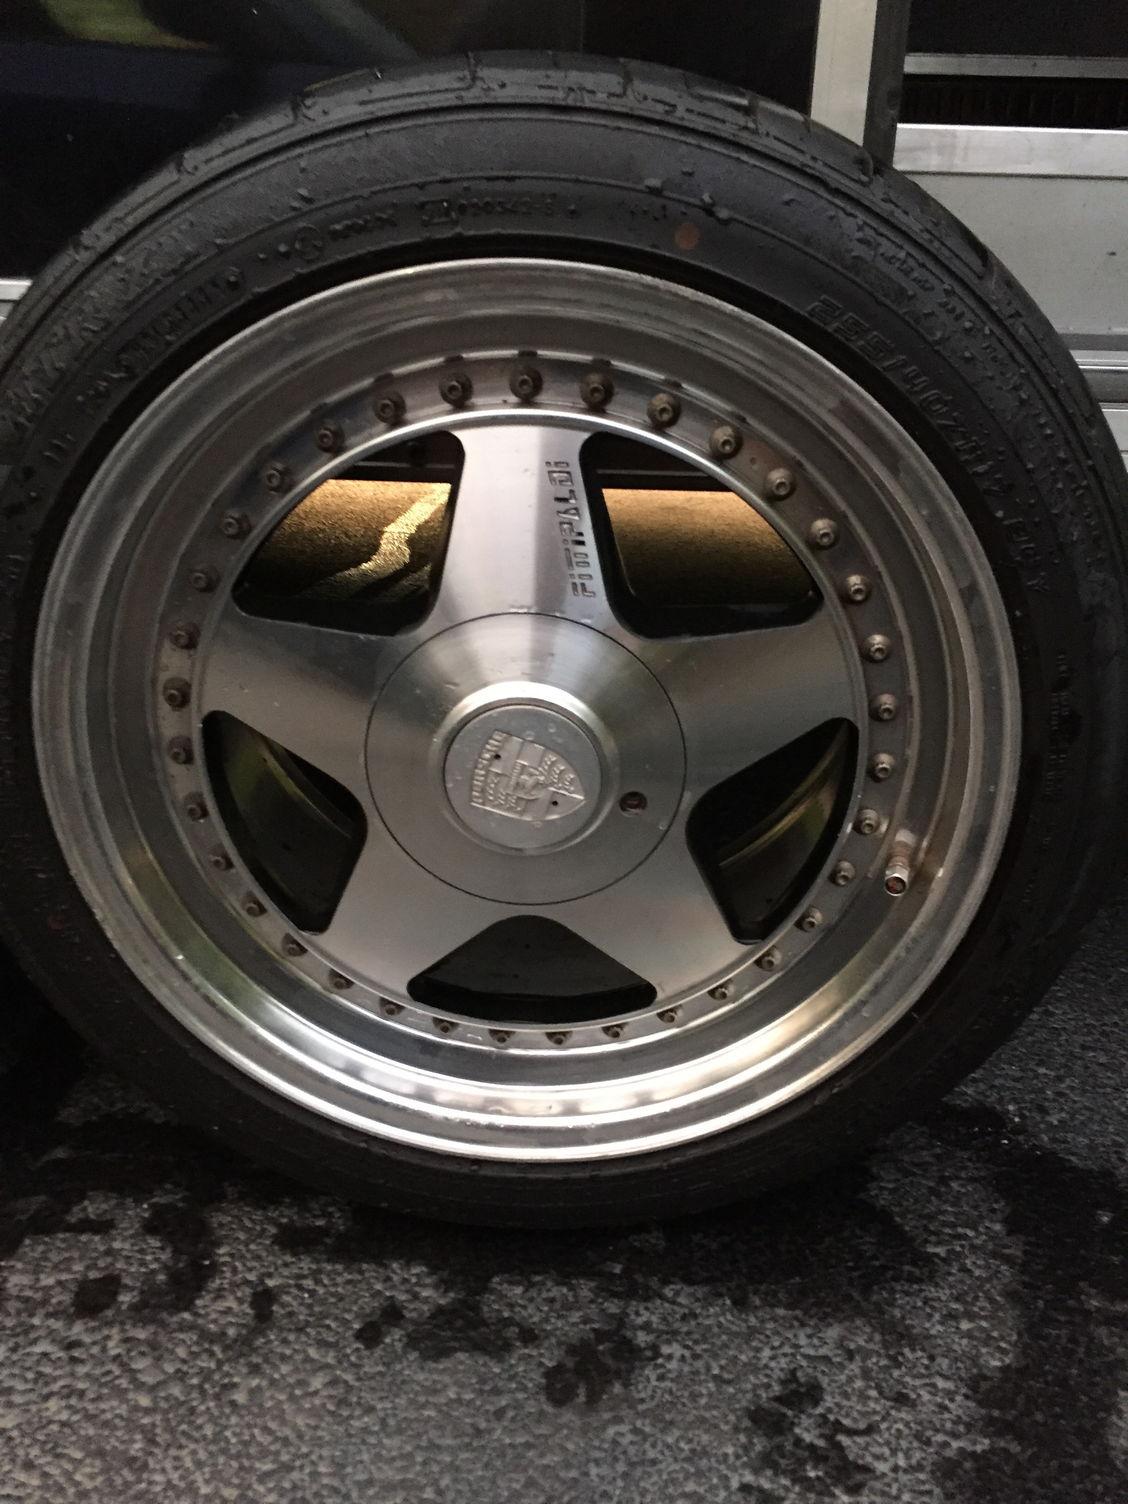 Oz Racing Fittipaldi Wheels For Sale Rennlist Porsche